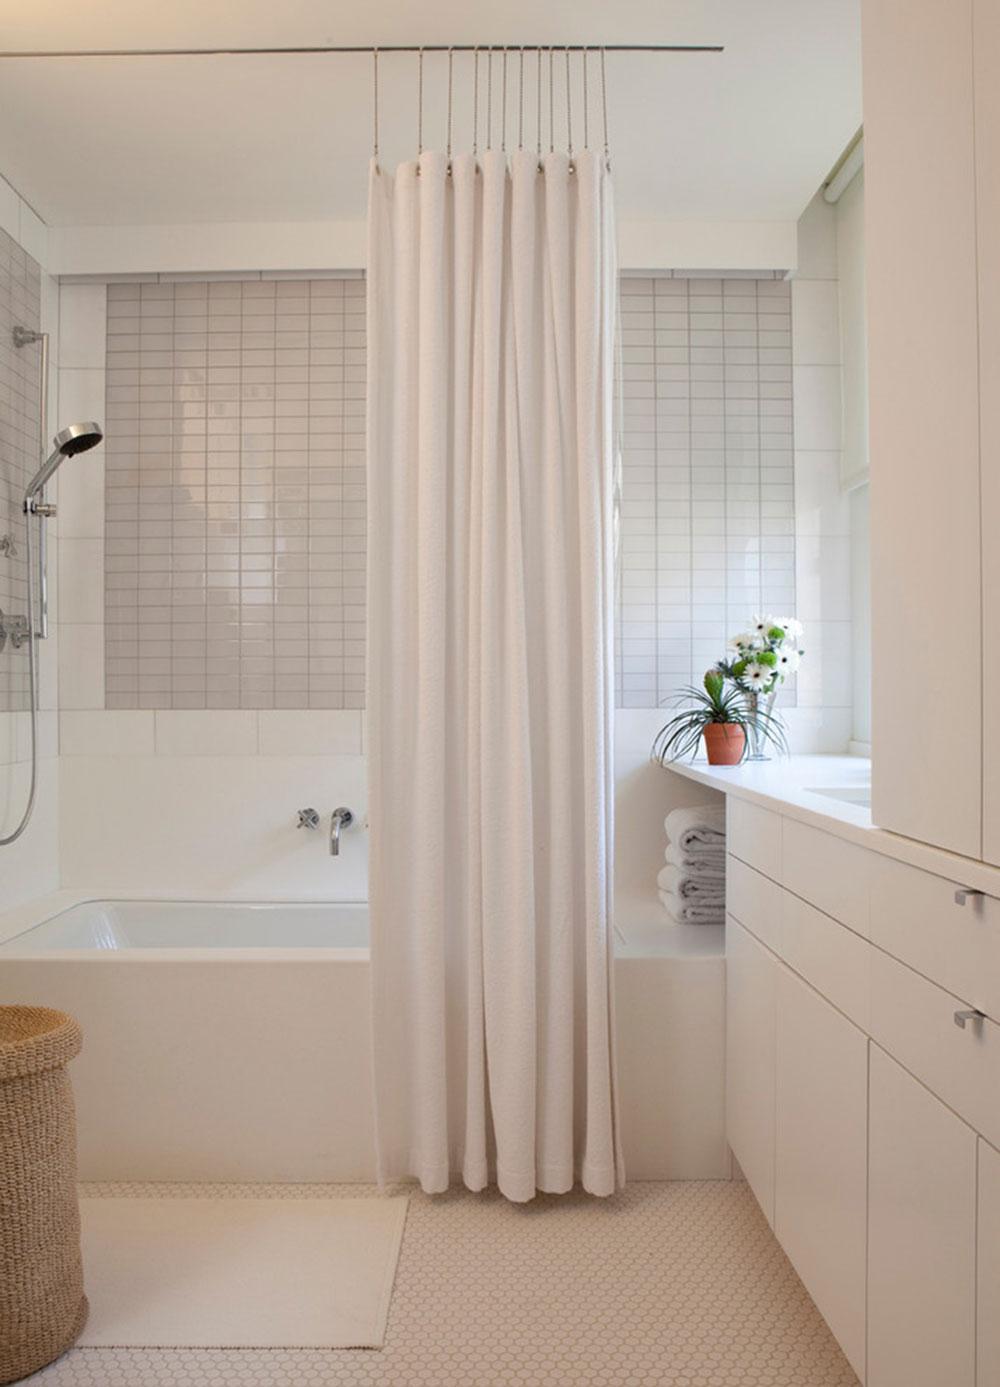 Förbättra ditt badrumsutseende med trendiga duschdraperier3 trendiga duschdraperier för ditt badrum